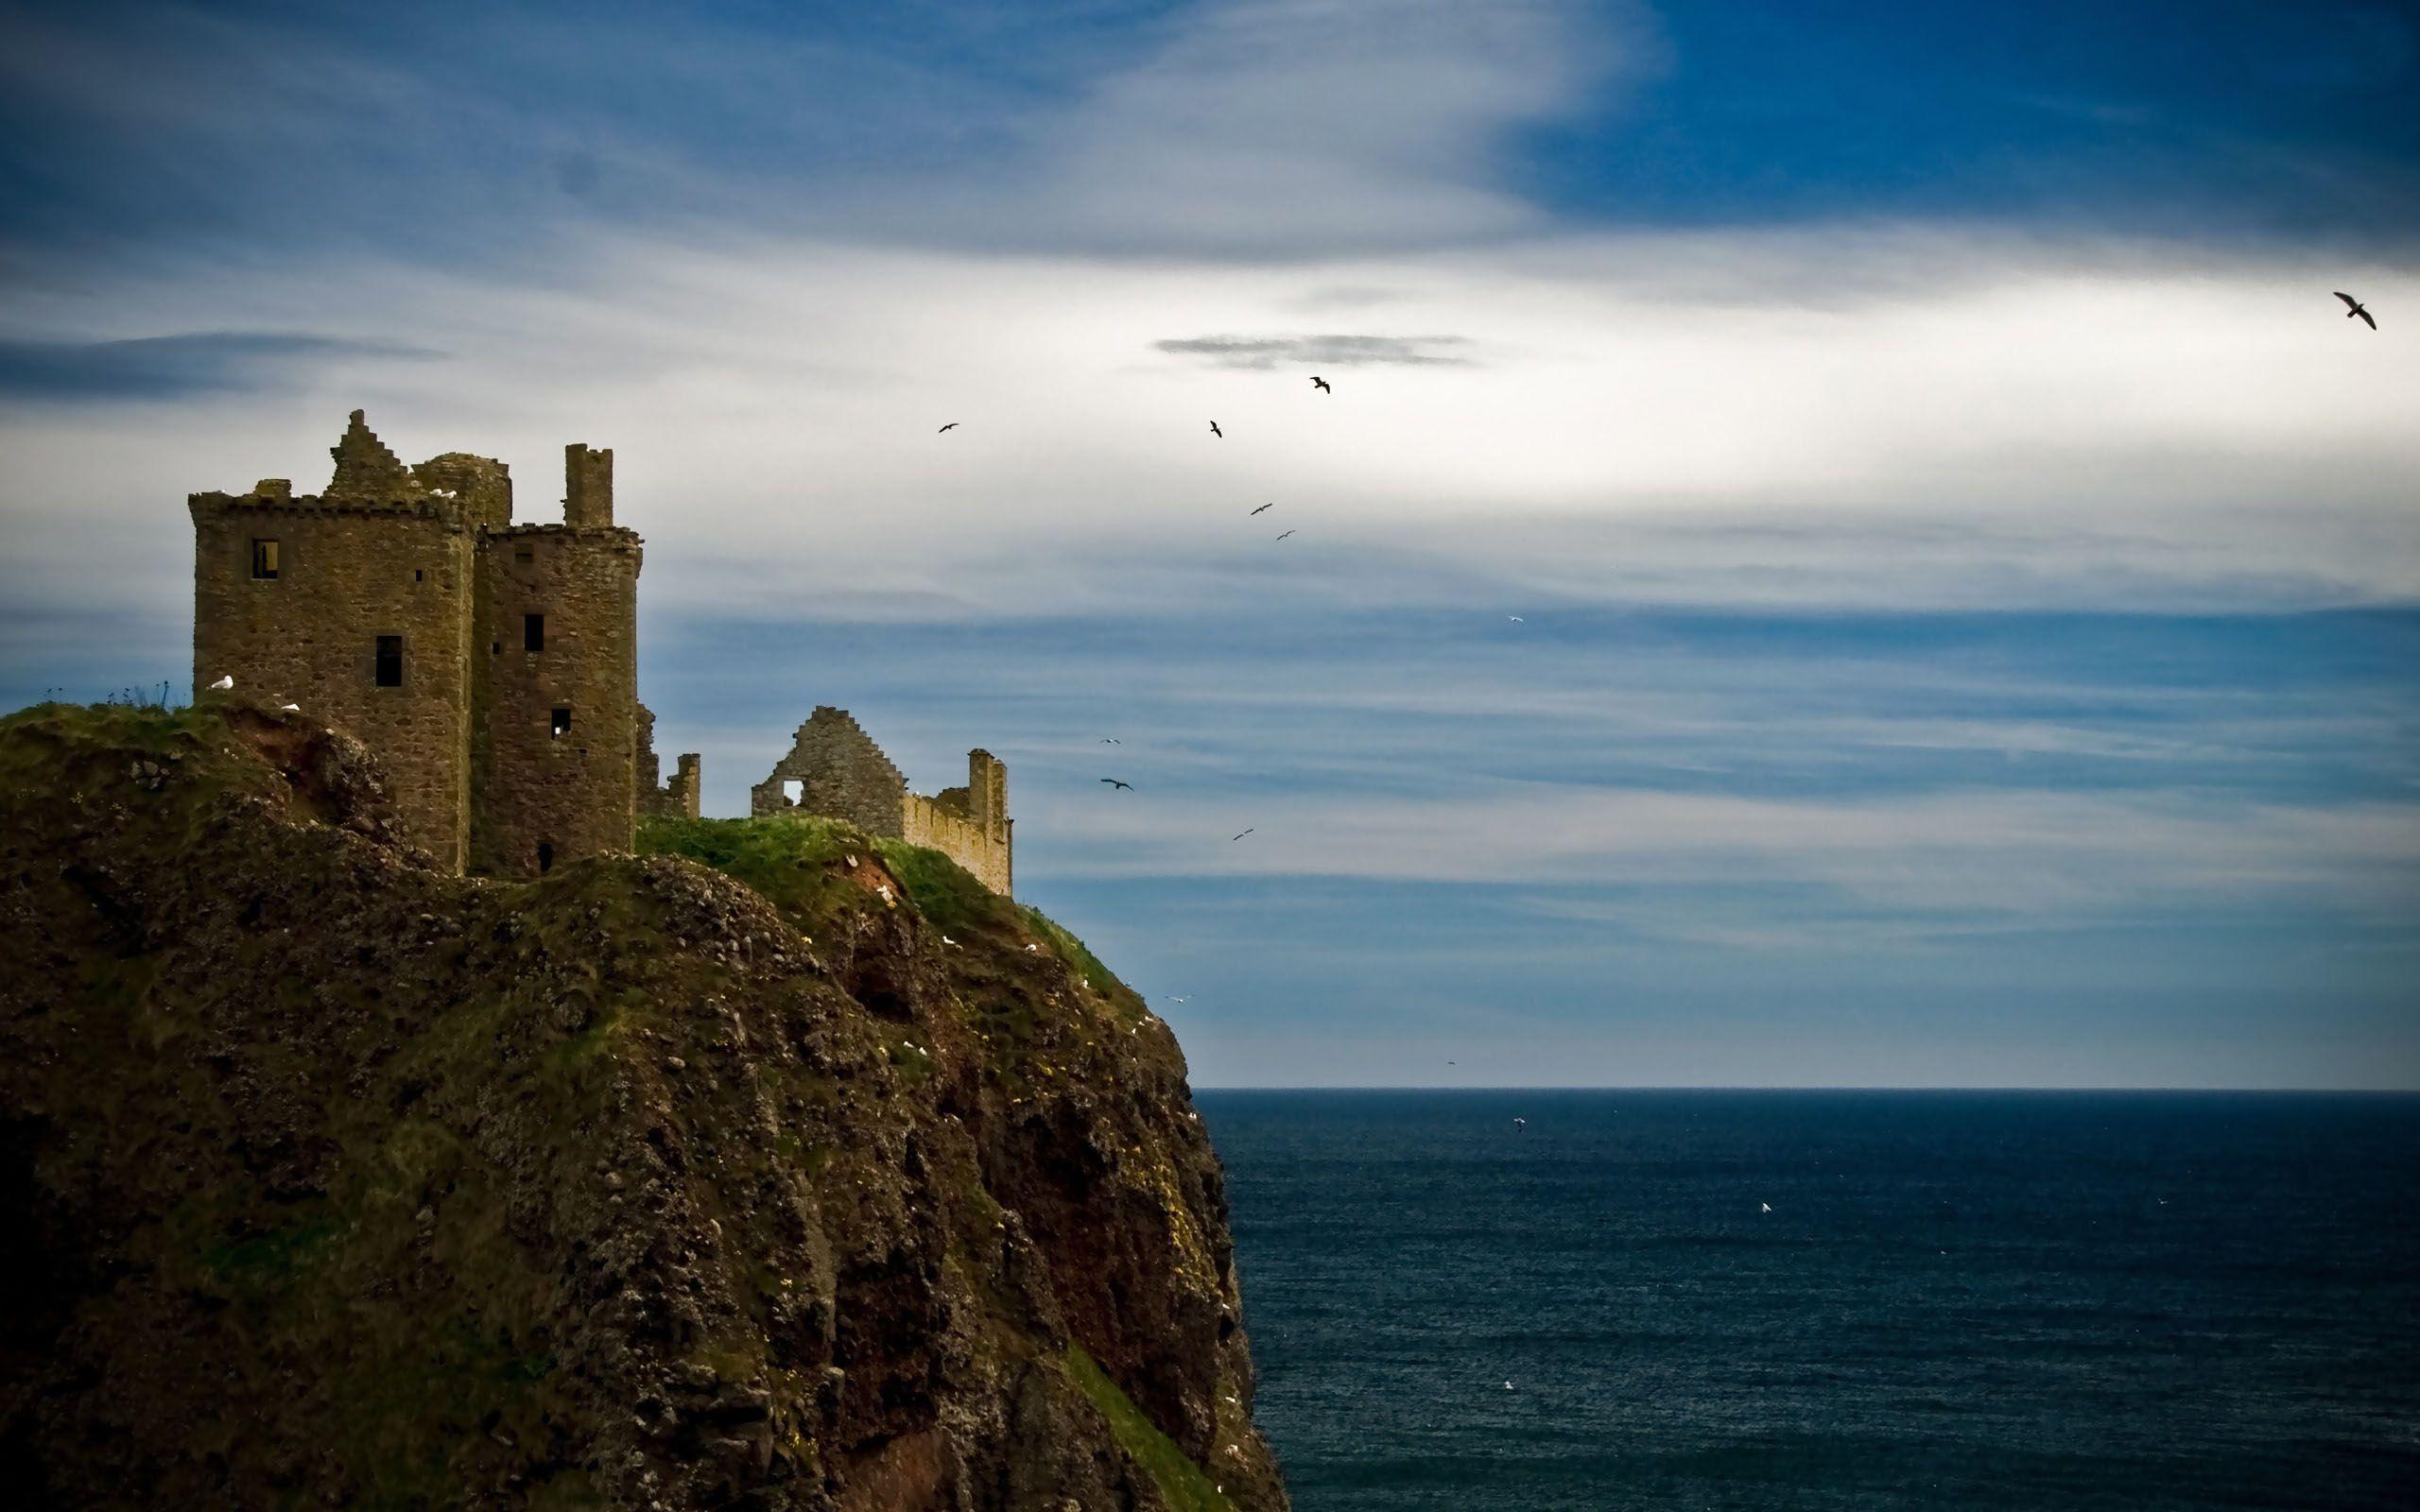 Scotland Hd Wallpaper Scotland Images Free Scotland Castles Castle Scottish Castles